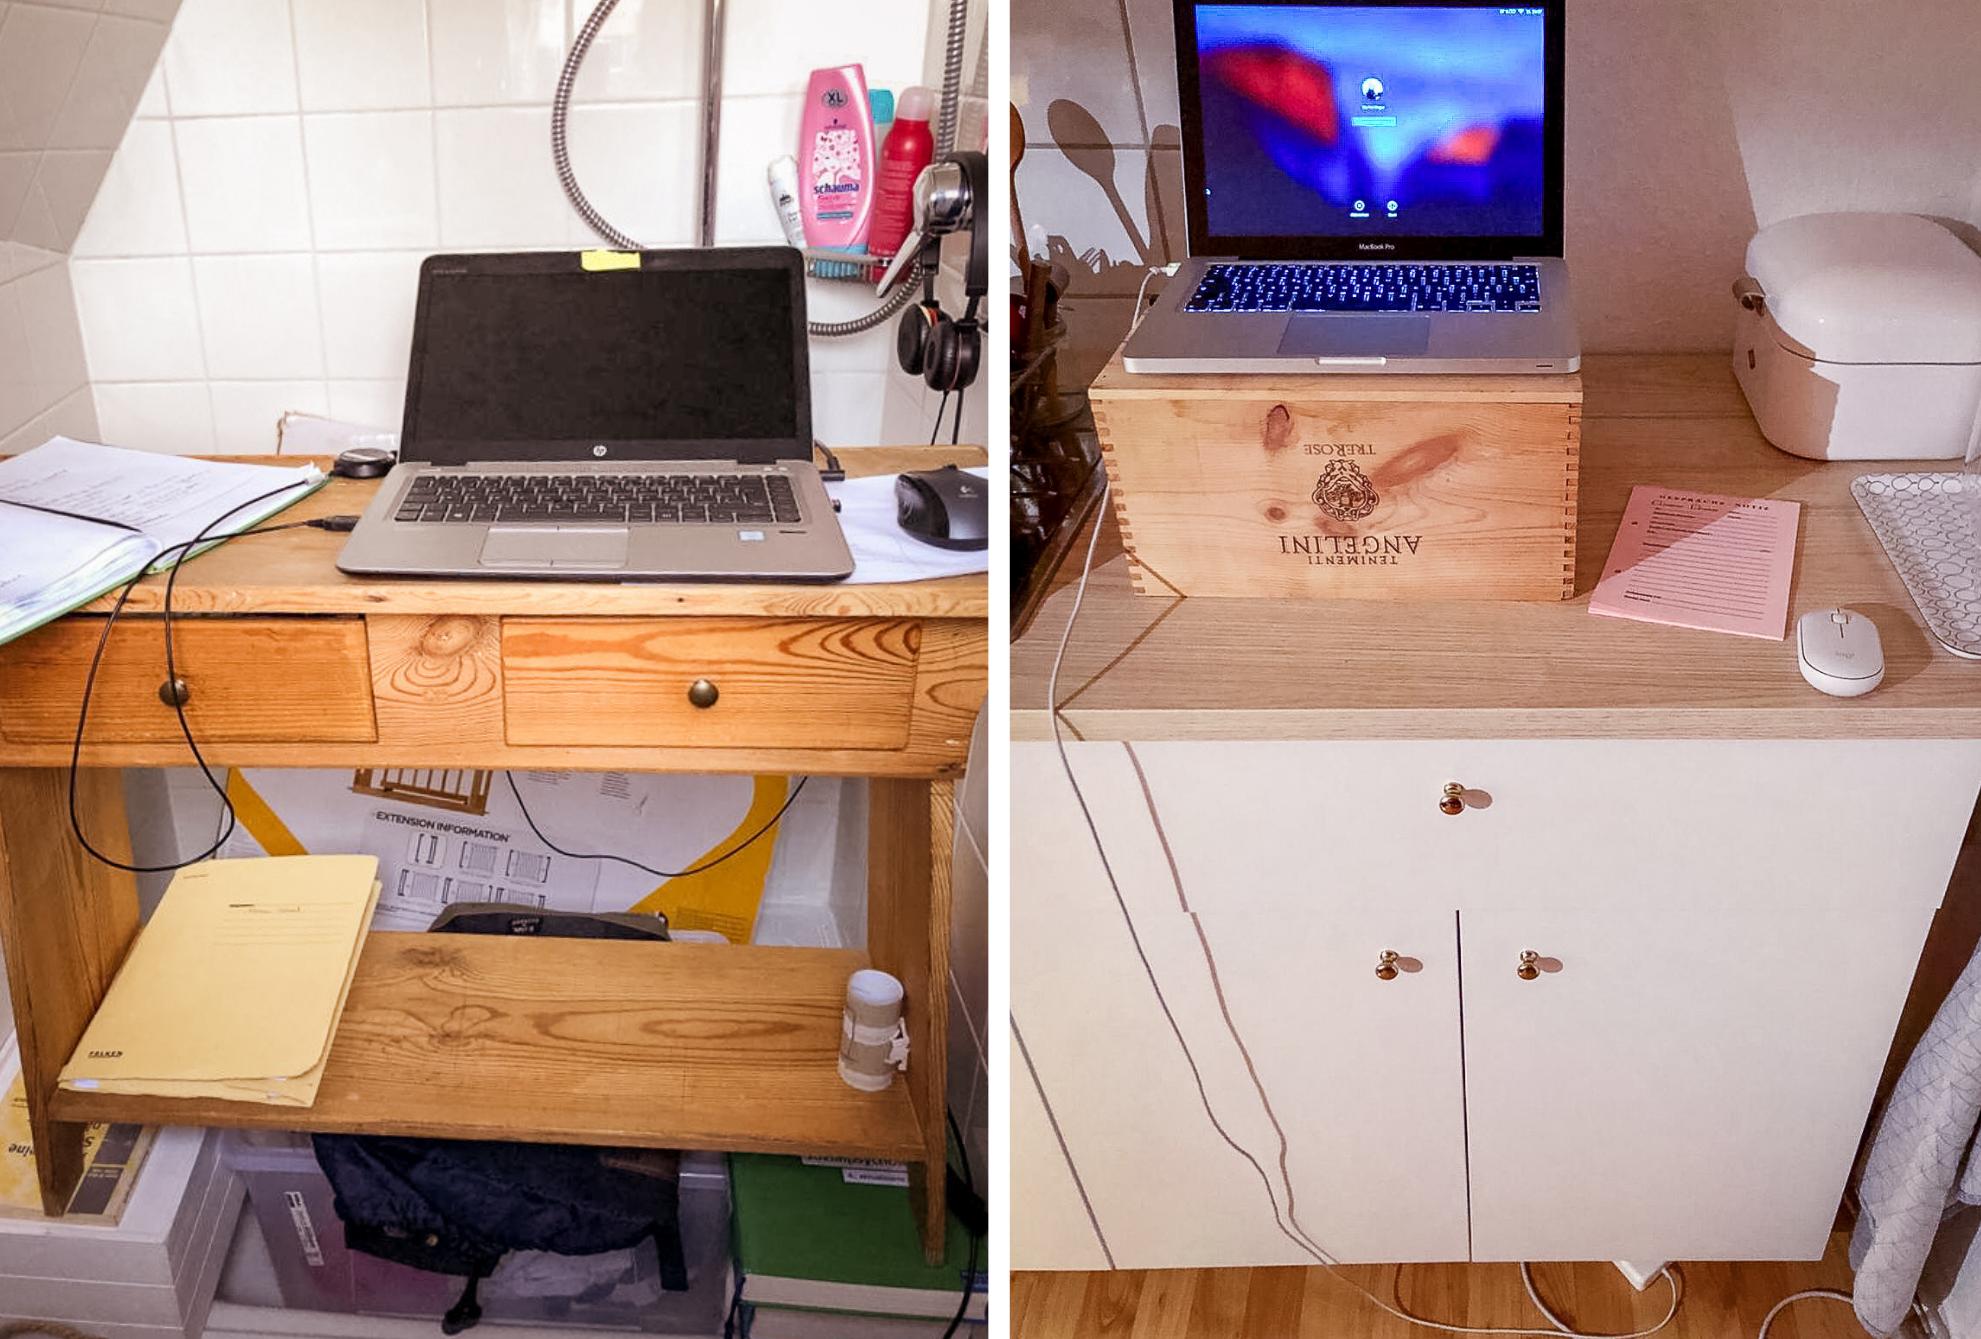 Zwei meiner Freunde waren bei der Einrichtung ihres Homeoffice sehr kreativ: Links in der Dusche, rechts ein Steharbeitsplatz an der Küche. :-D